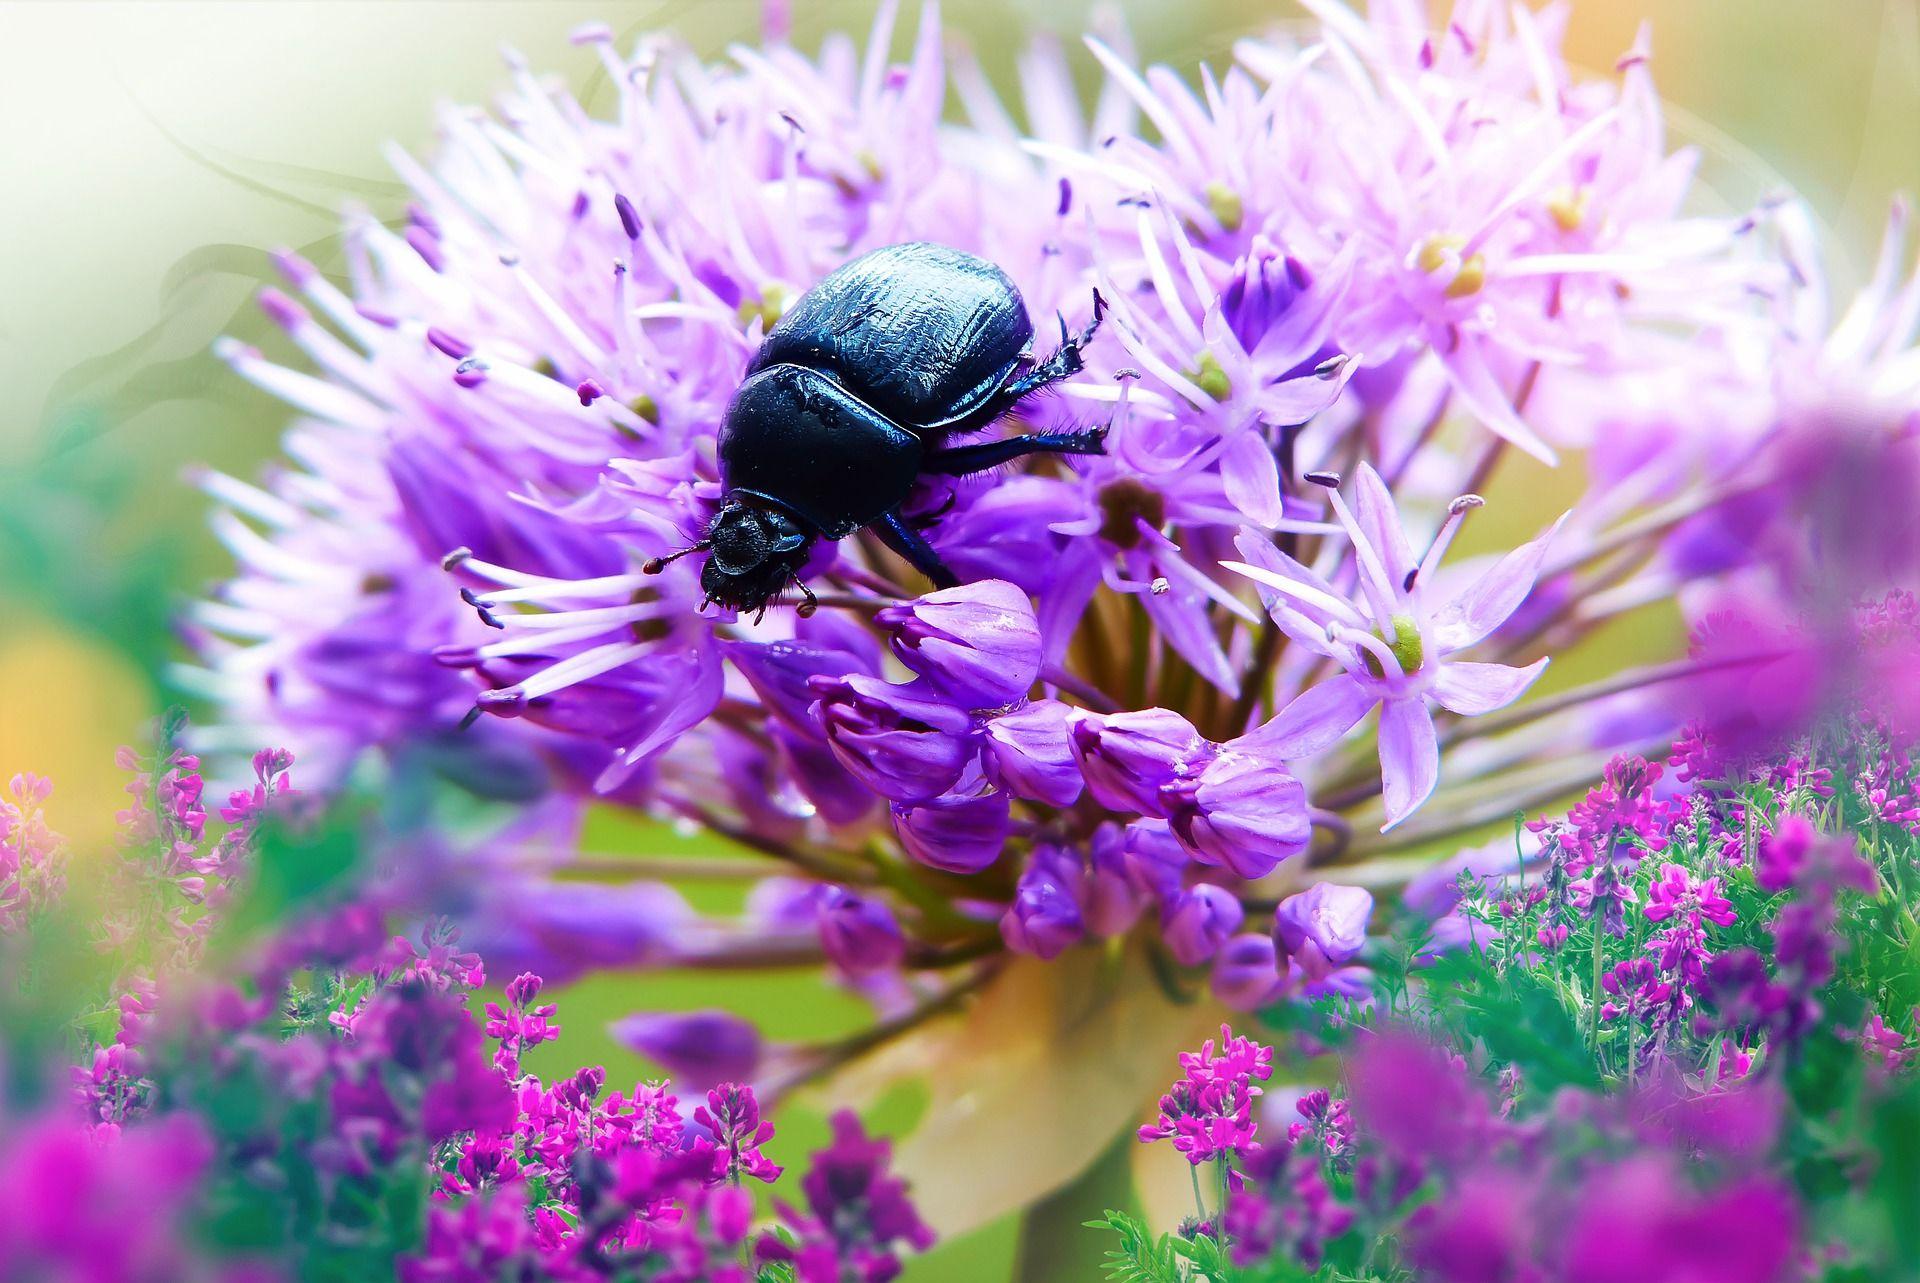 Скачать бесплатно лучшую картинку жука в хорошем качестве